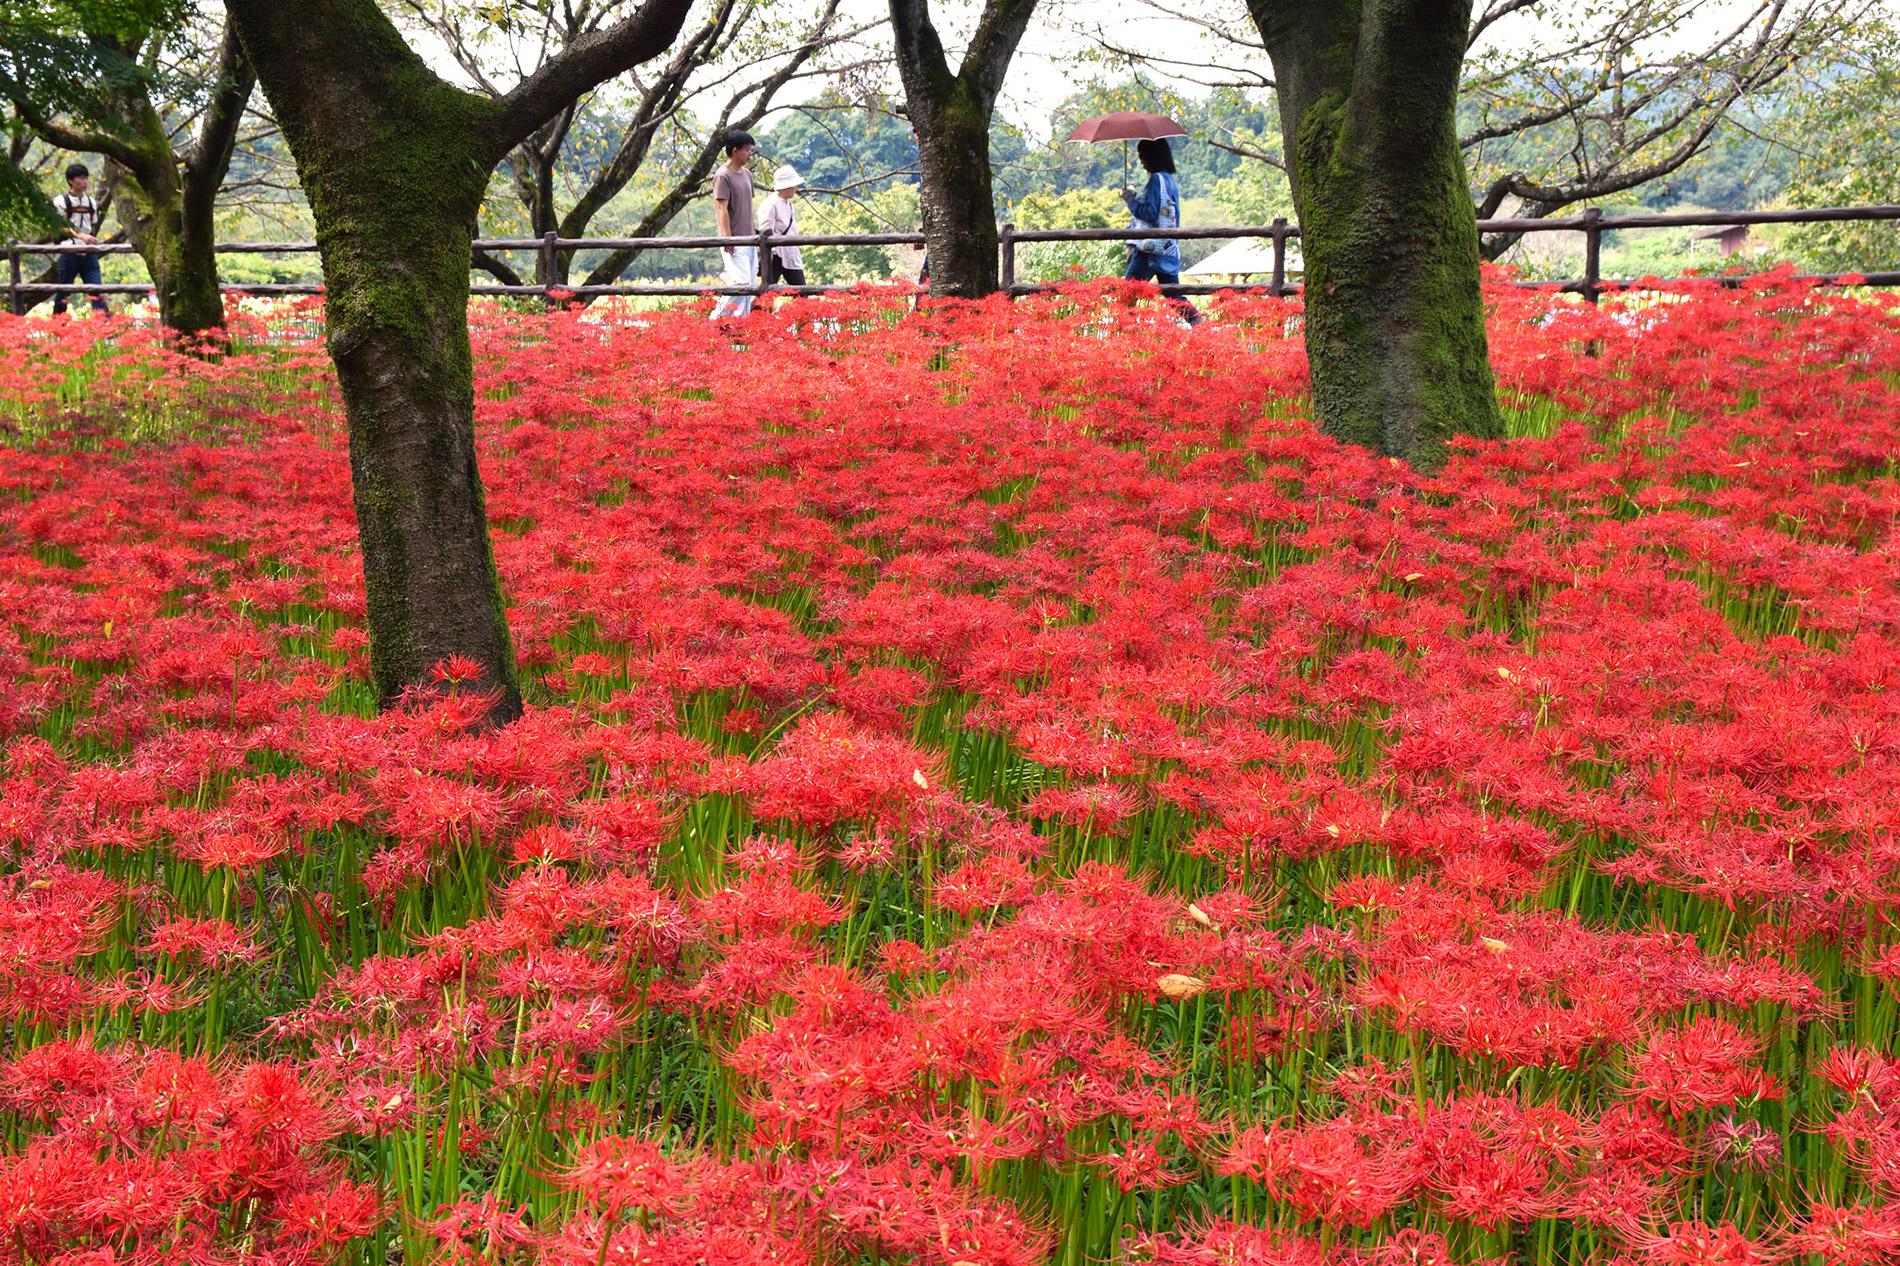 Der Herbst kündigt sich in Kinchakuda spektakulär mit unzähligen higabana Spinnenlilien an. (Foto: Raita auf flickr https://flic.kr/p/LtHcUU CC BY 2.0)